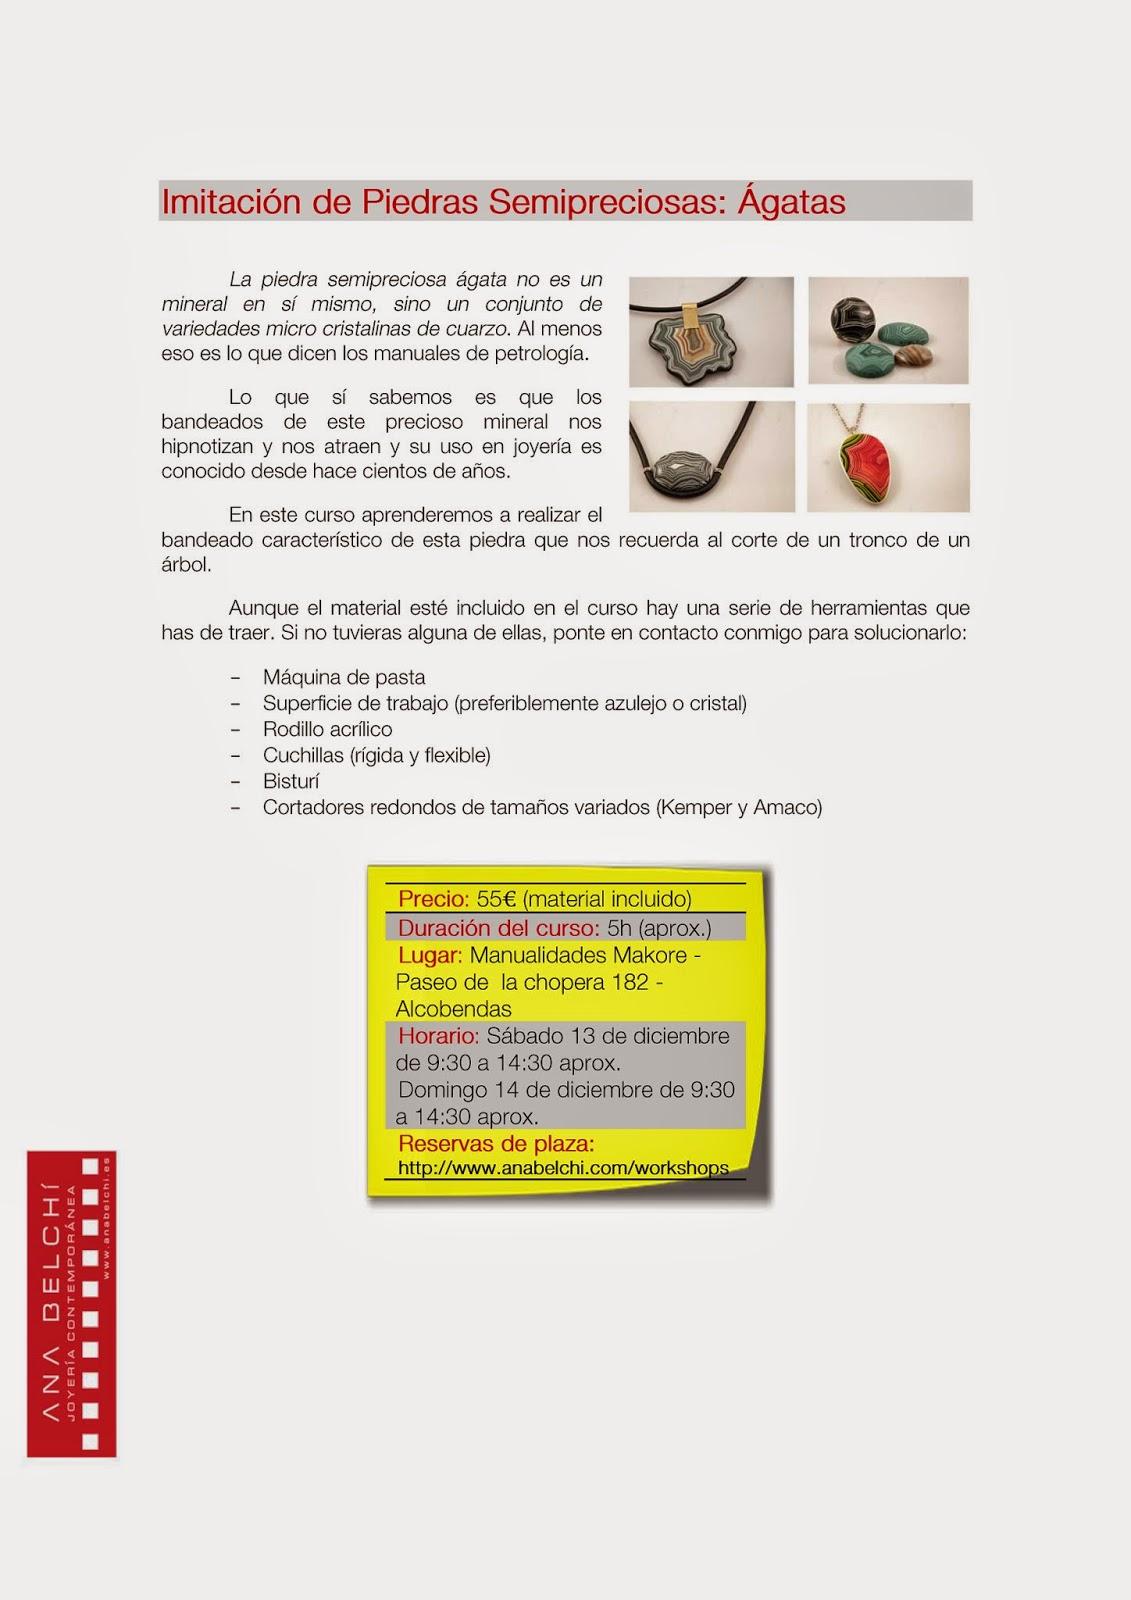 Ana Belch Cursos En Alcobendas Madrid  ~ Cursos De Manualidades En Madrid